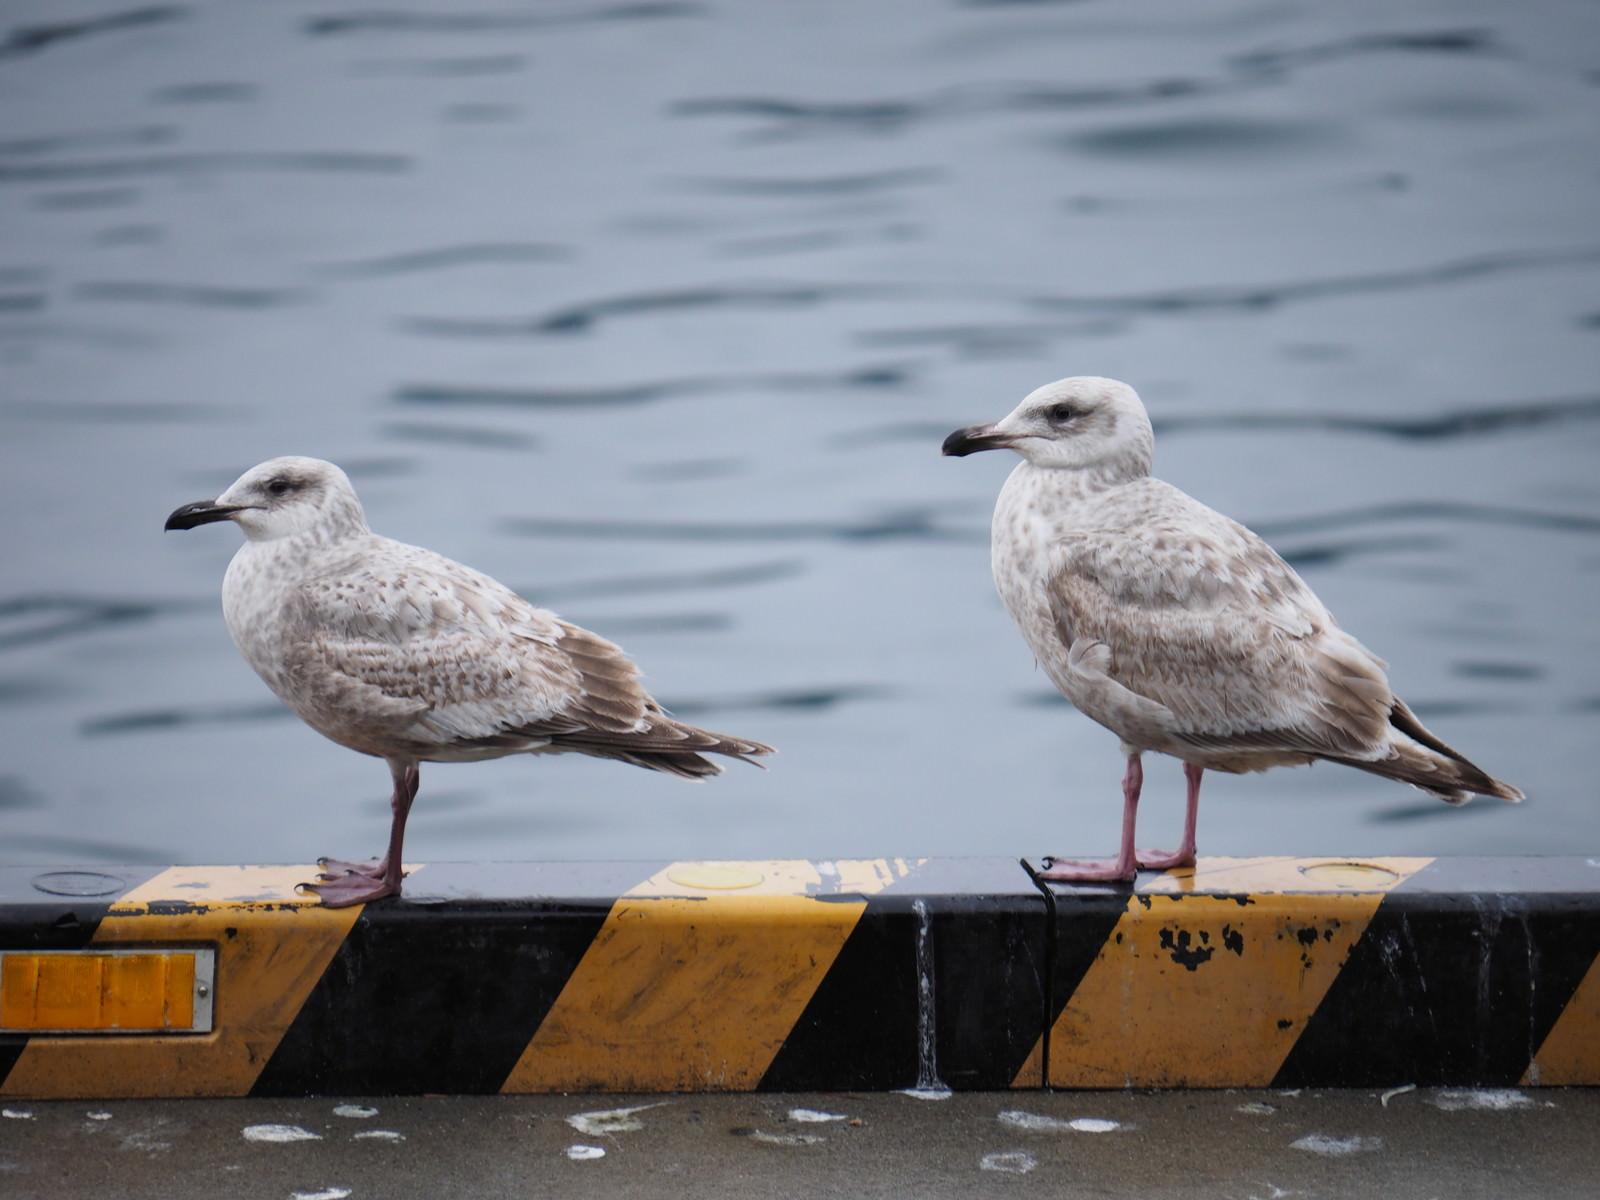 「港湾用の車止めで帰船を待つカモメさん」の写真